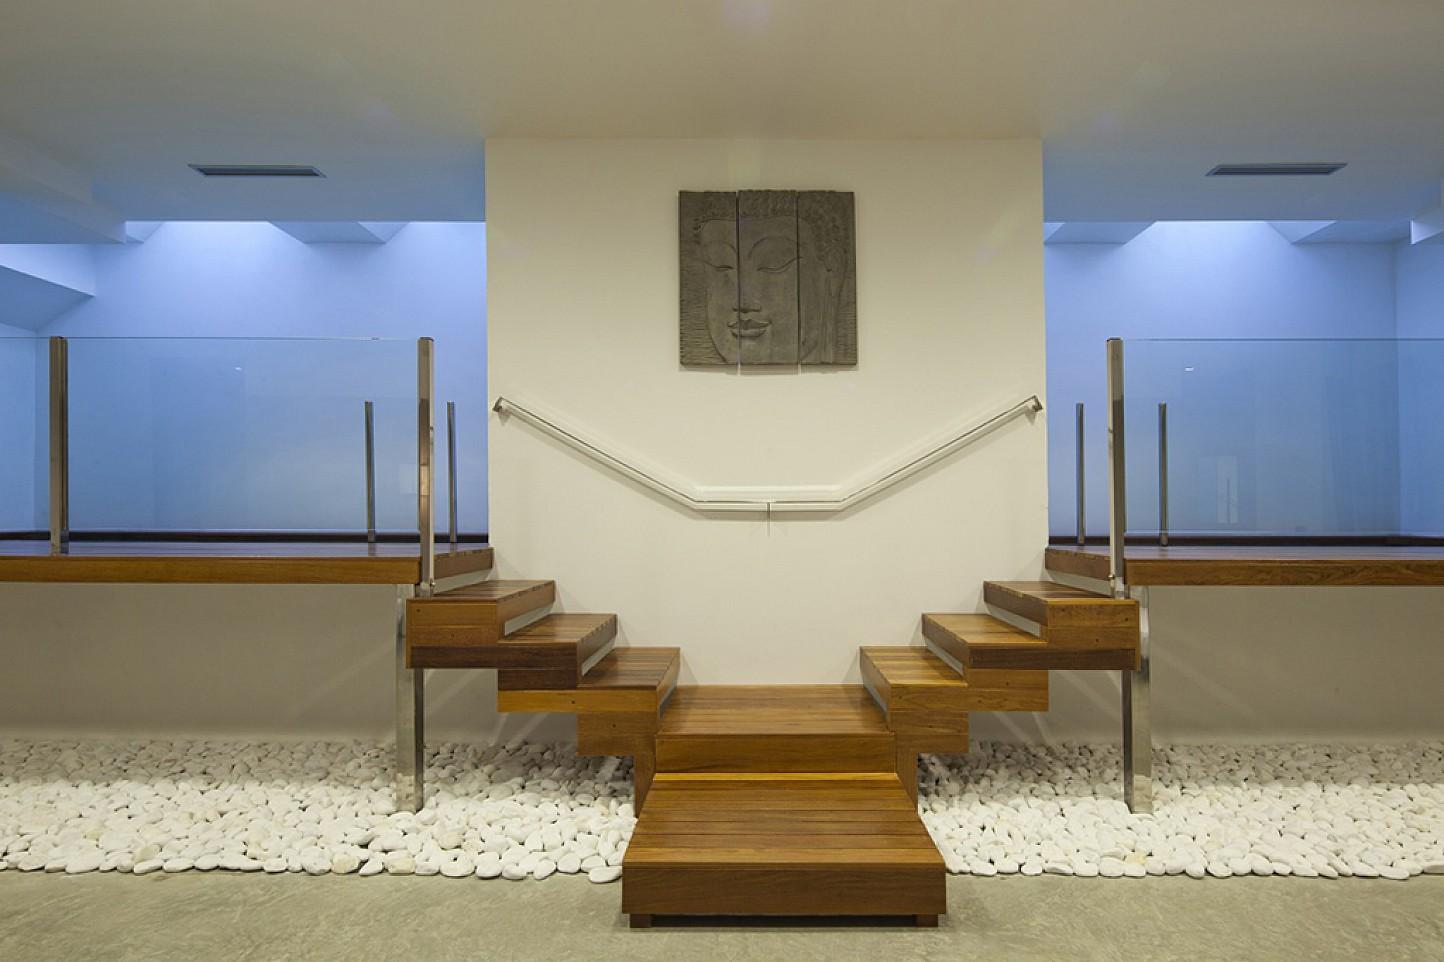 Vistas interiores de la casa con el acceso a la piscina interior